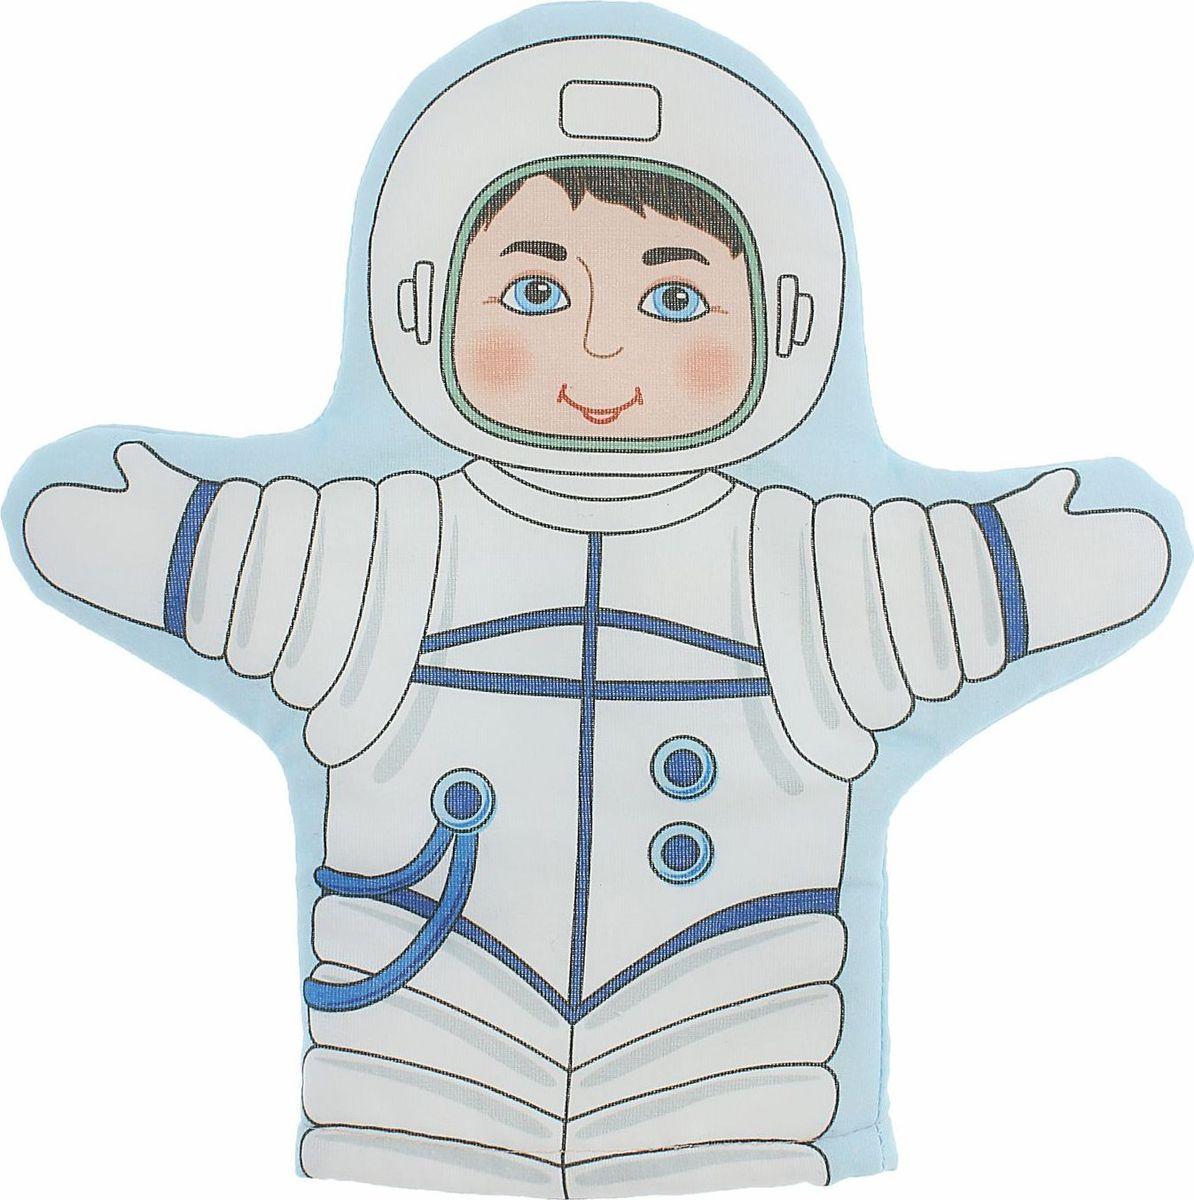 Sima-land Игрушка на руку Космонавт sima land игрушка на руку егорка